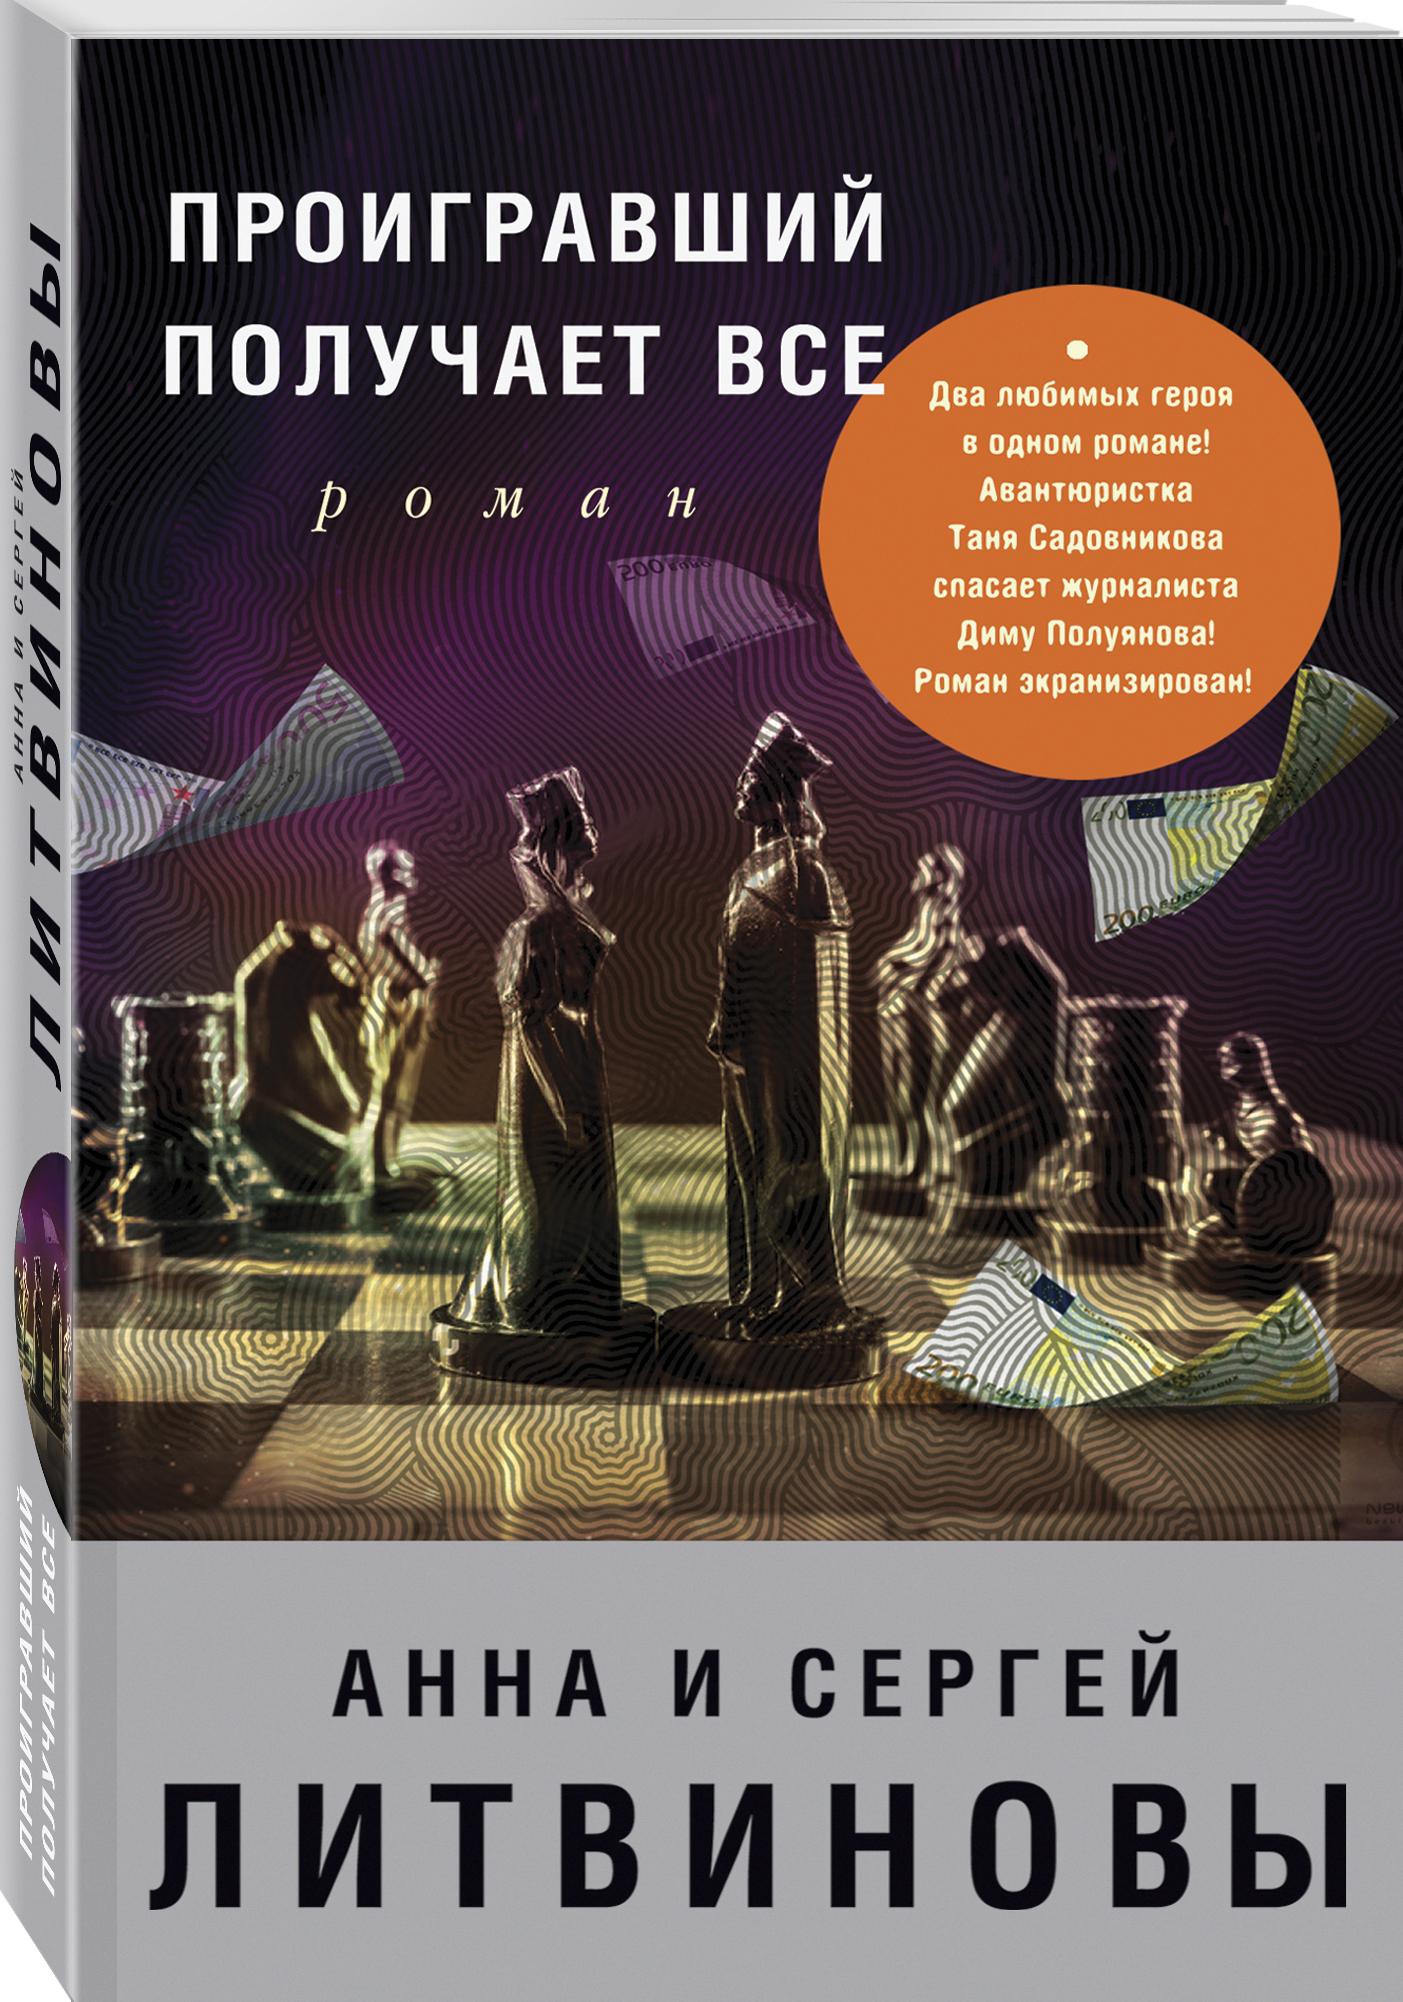 Анна и Сергей Литвиновы Проигравший получает все